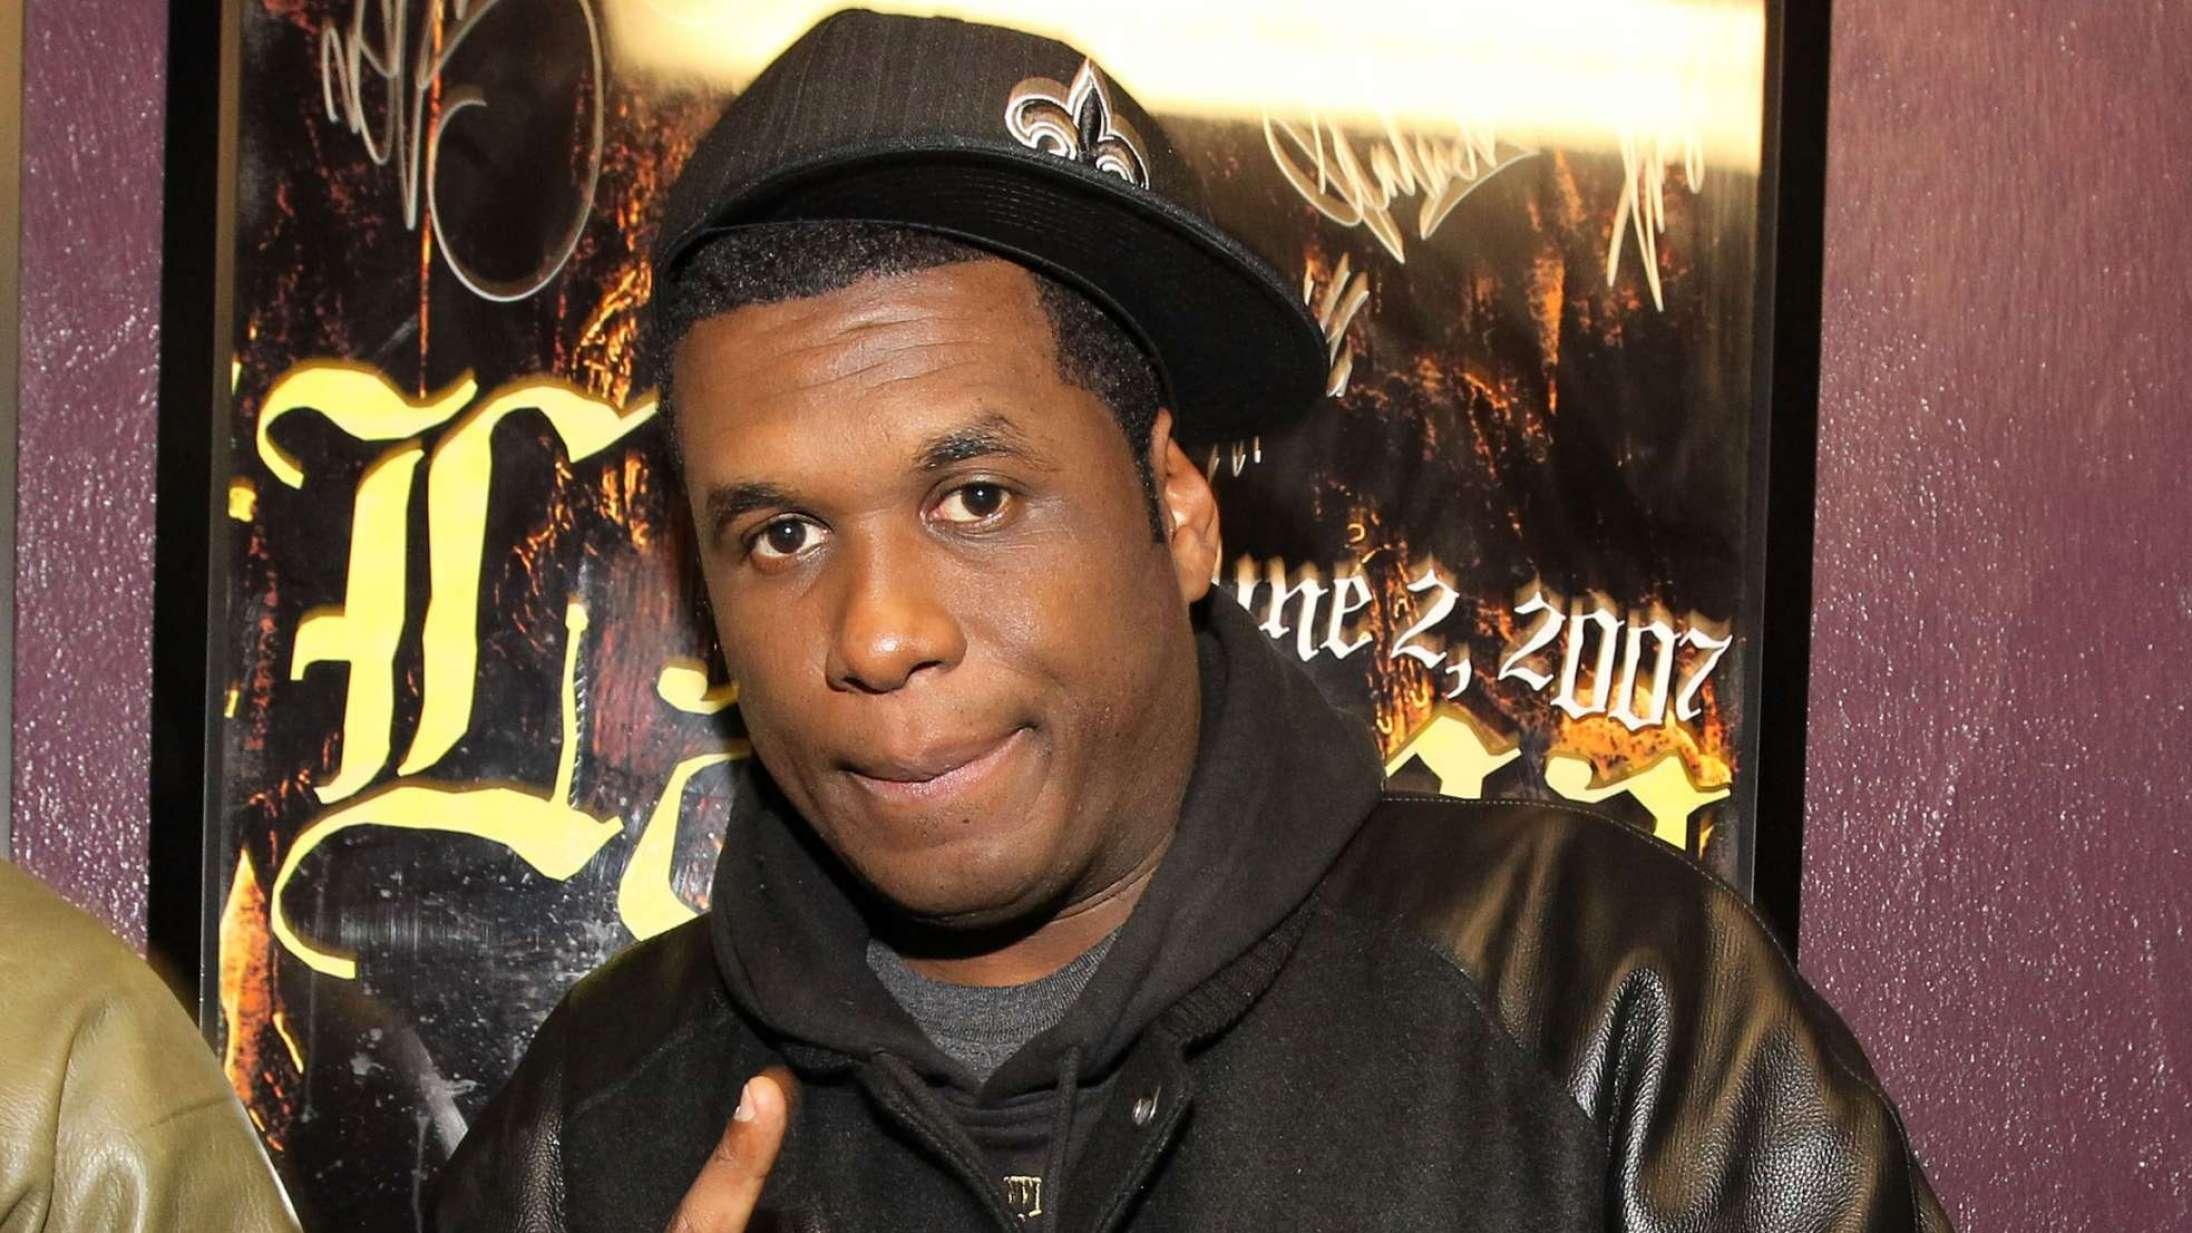 Mytisk rapper udgiver endelig debutalbum med hjælp fra Jay-Z, Travis Scott og James Blake